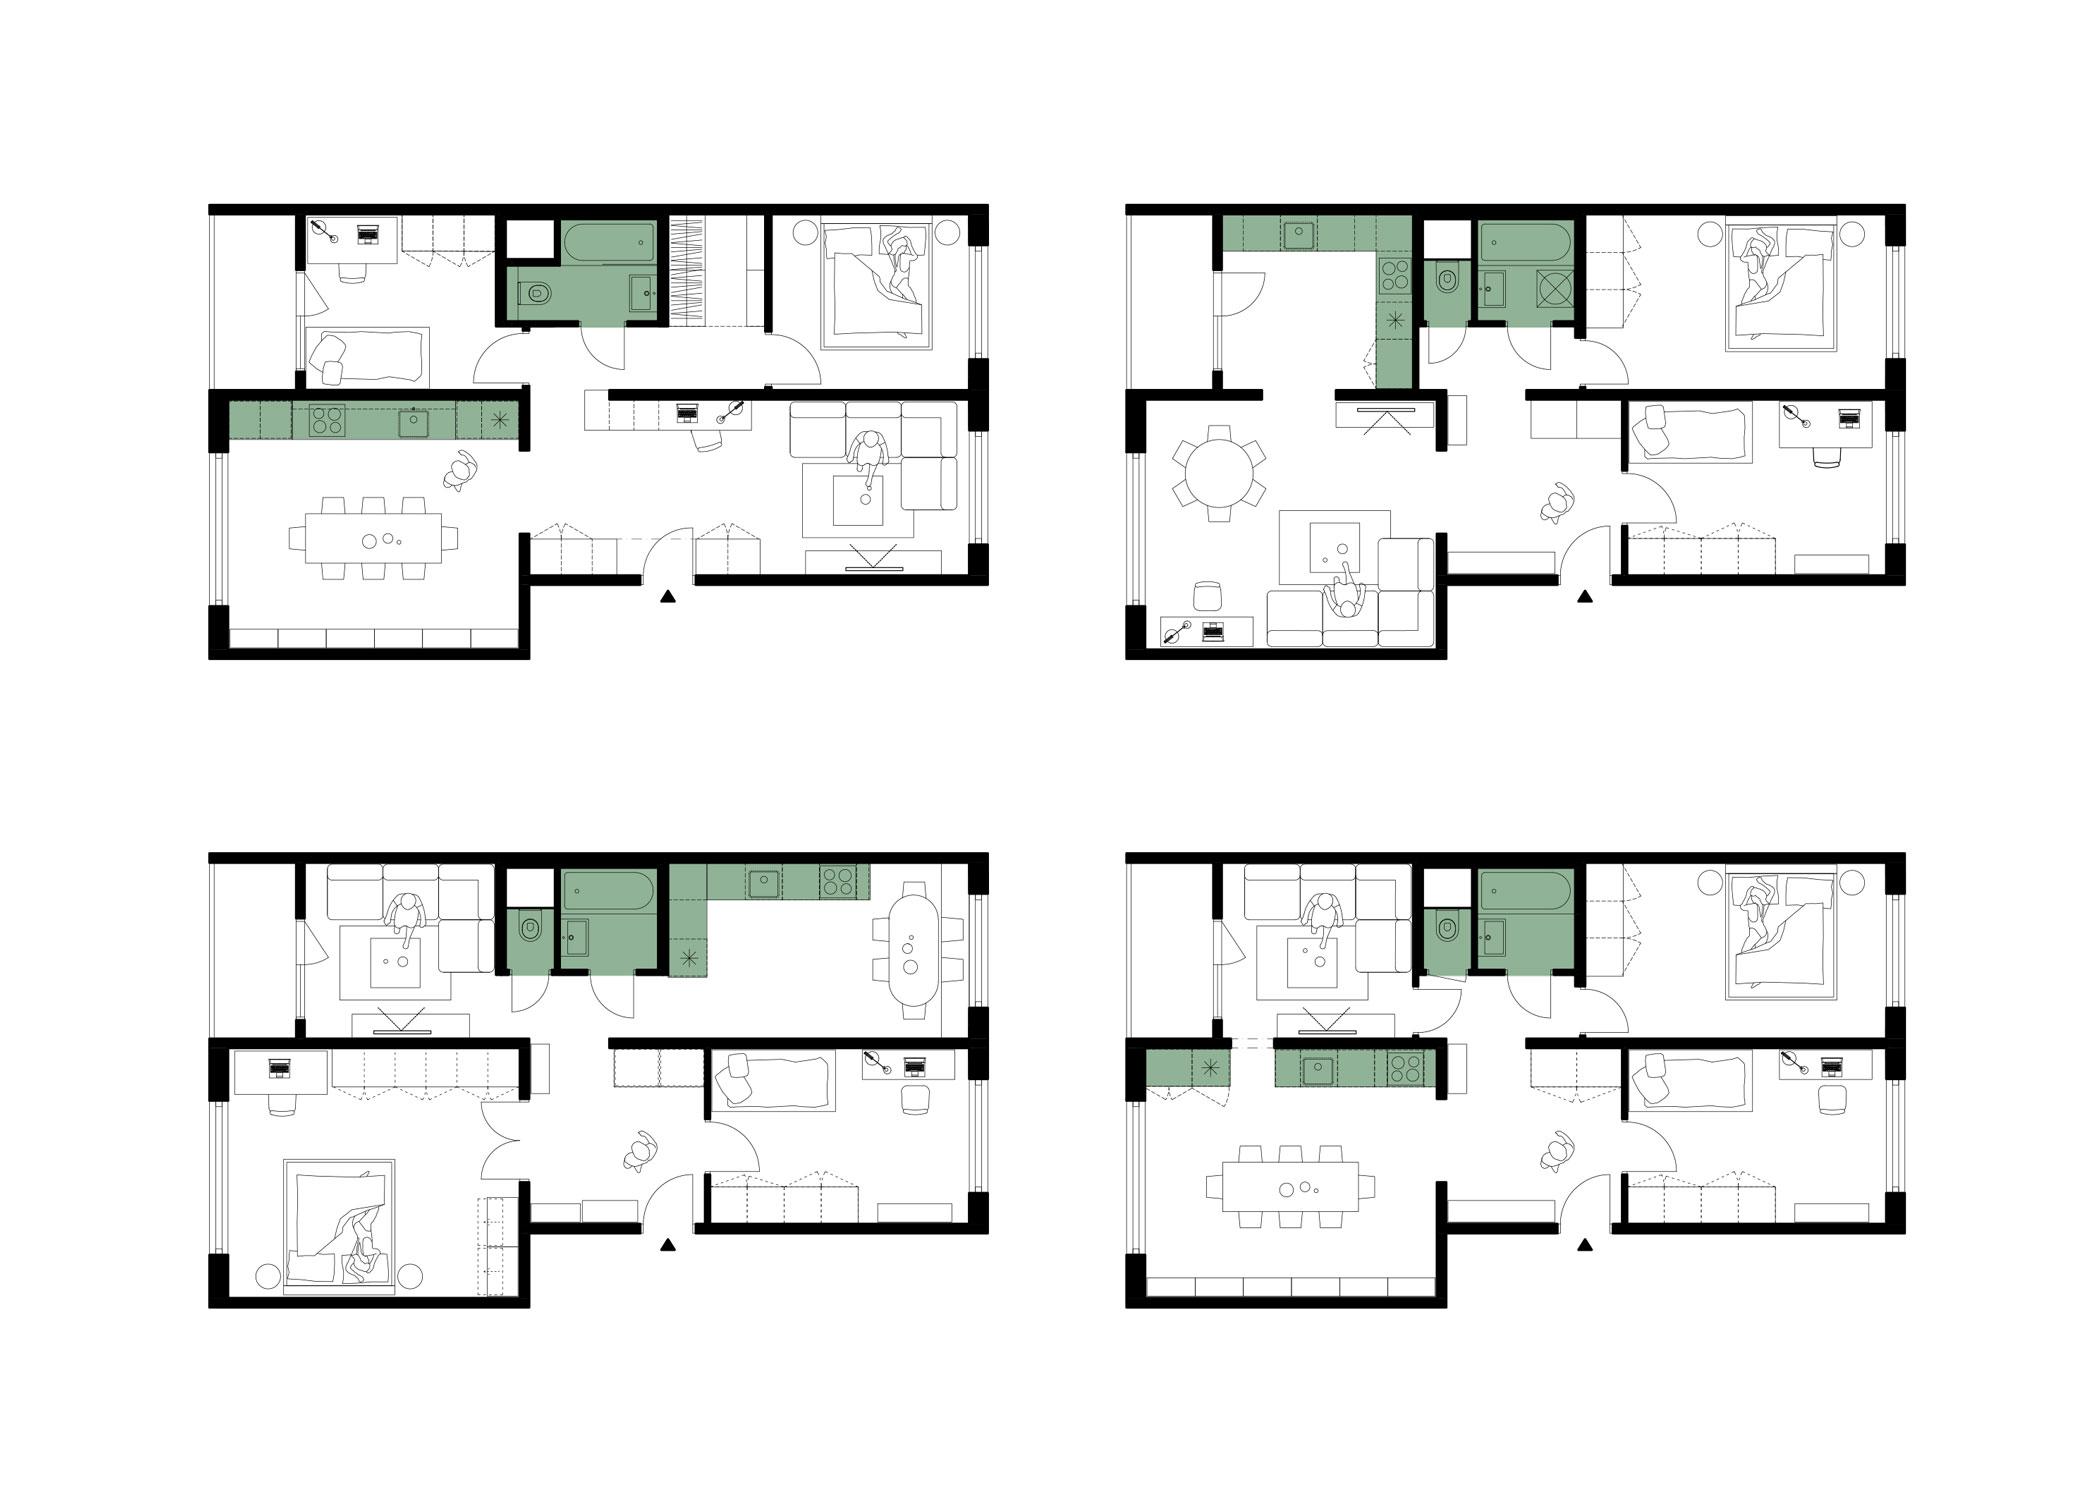 noiz-architekti-interier-byt-pifflova-03